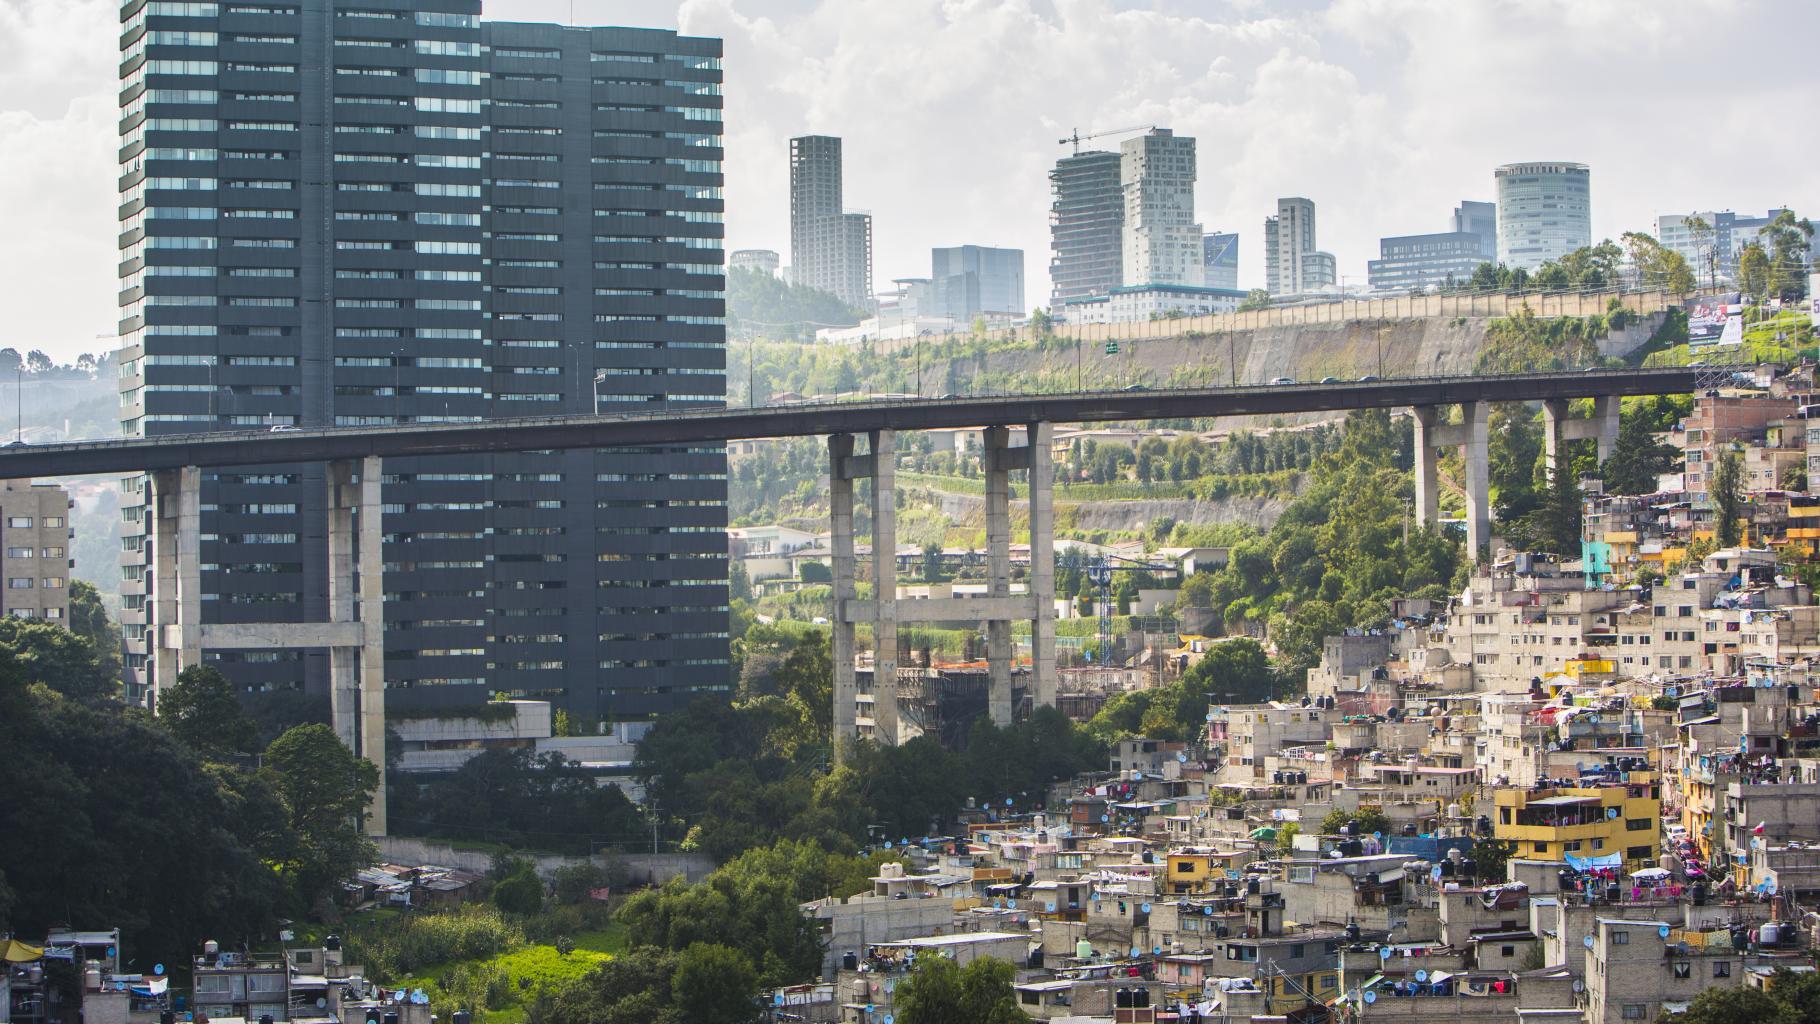 Die globale Ungleichheit spitzt sich zu: Hochhäuser